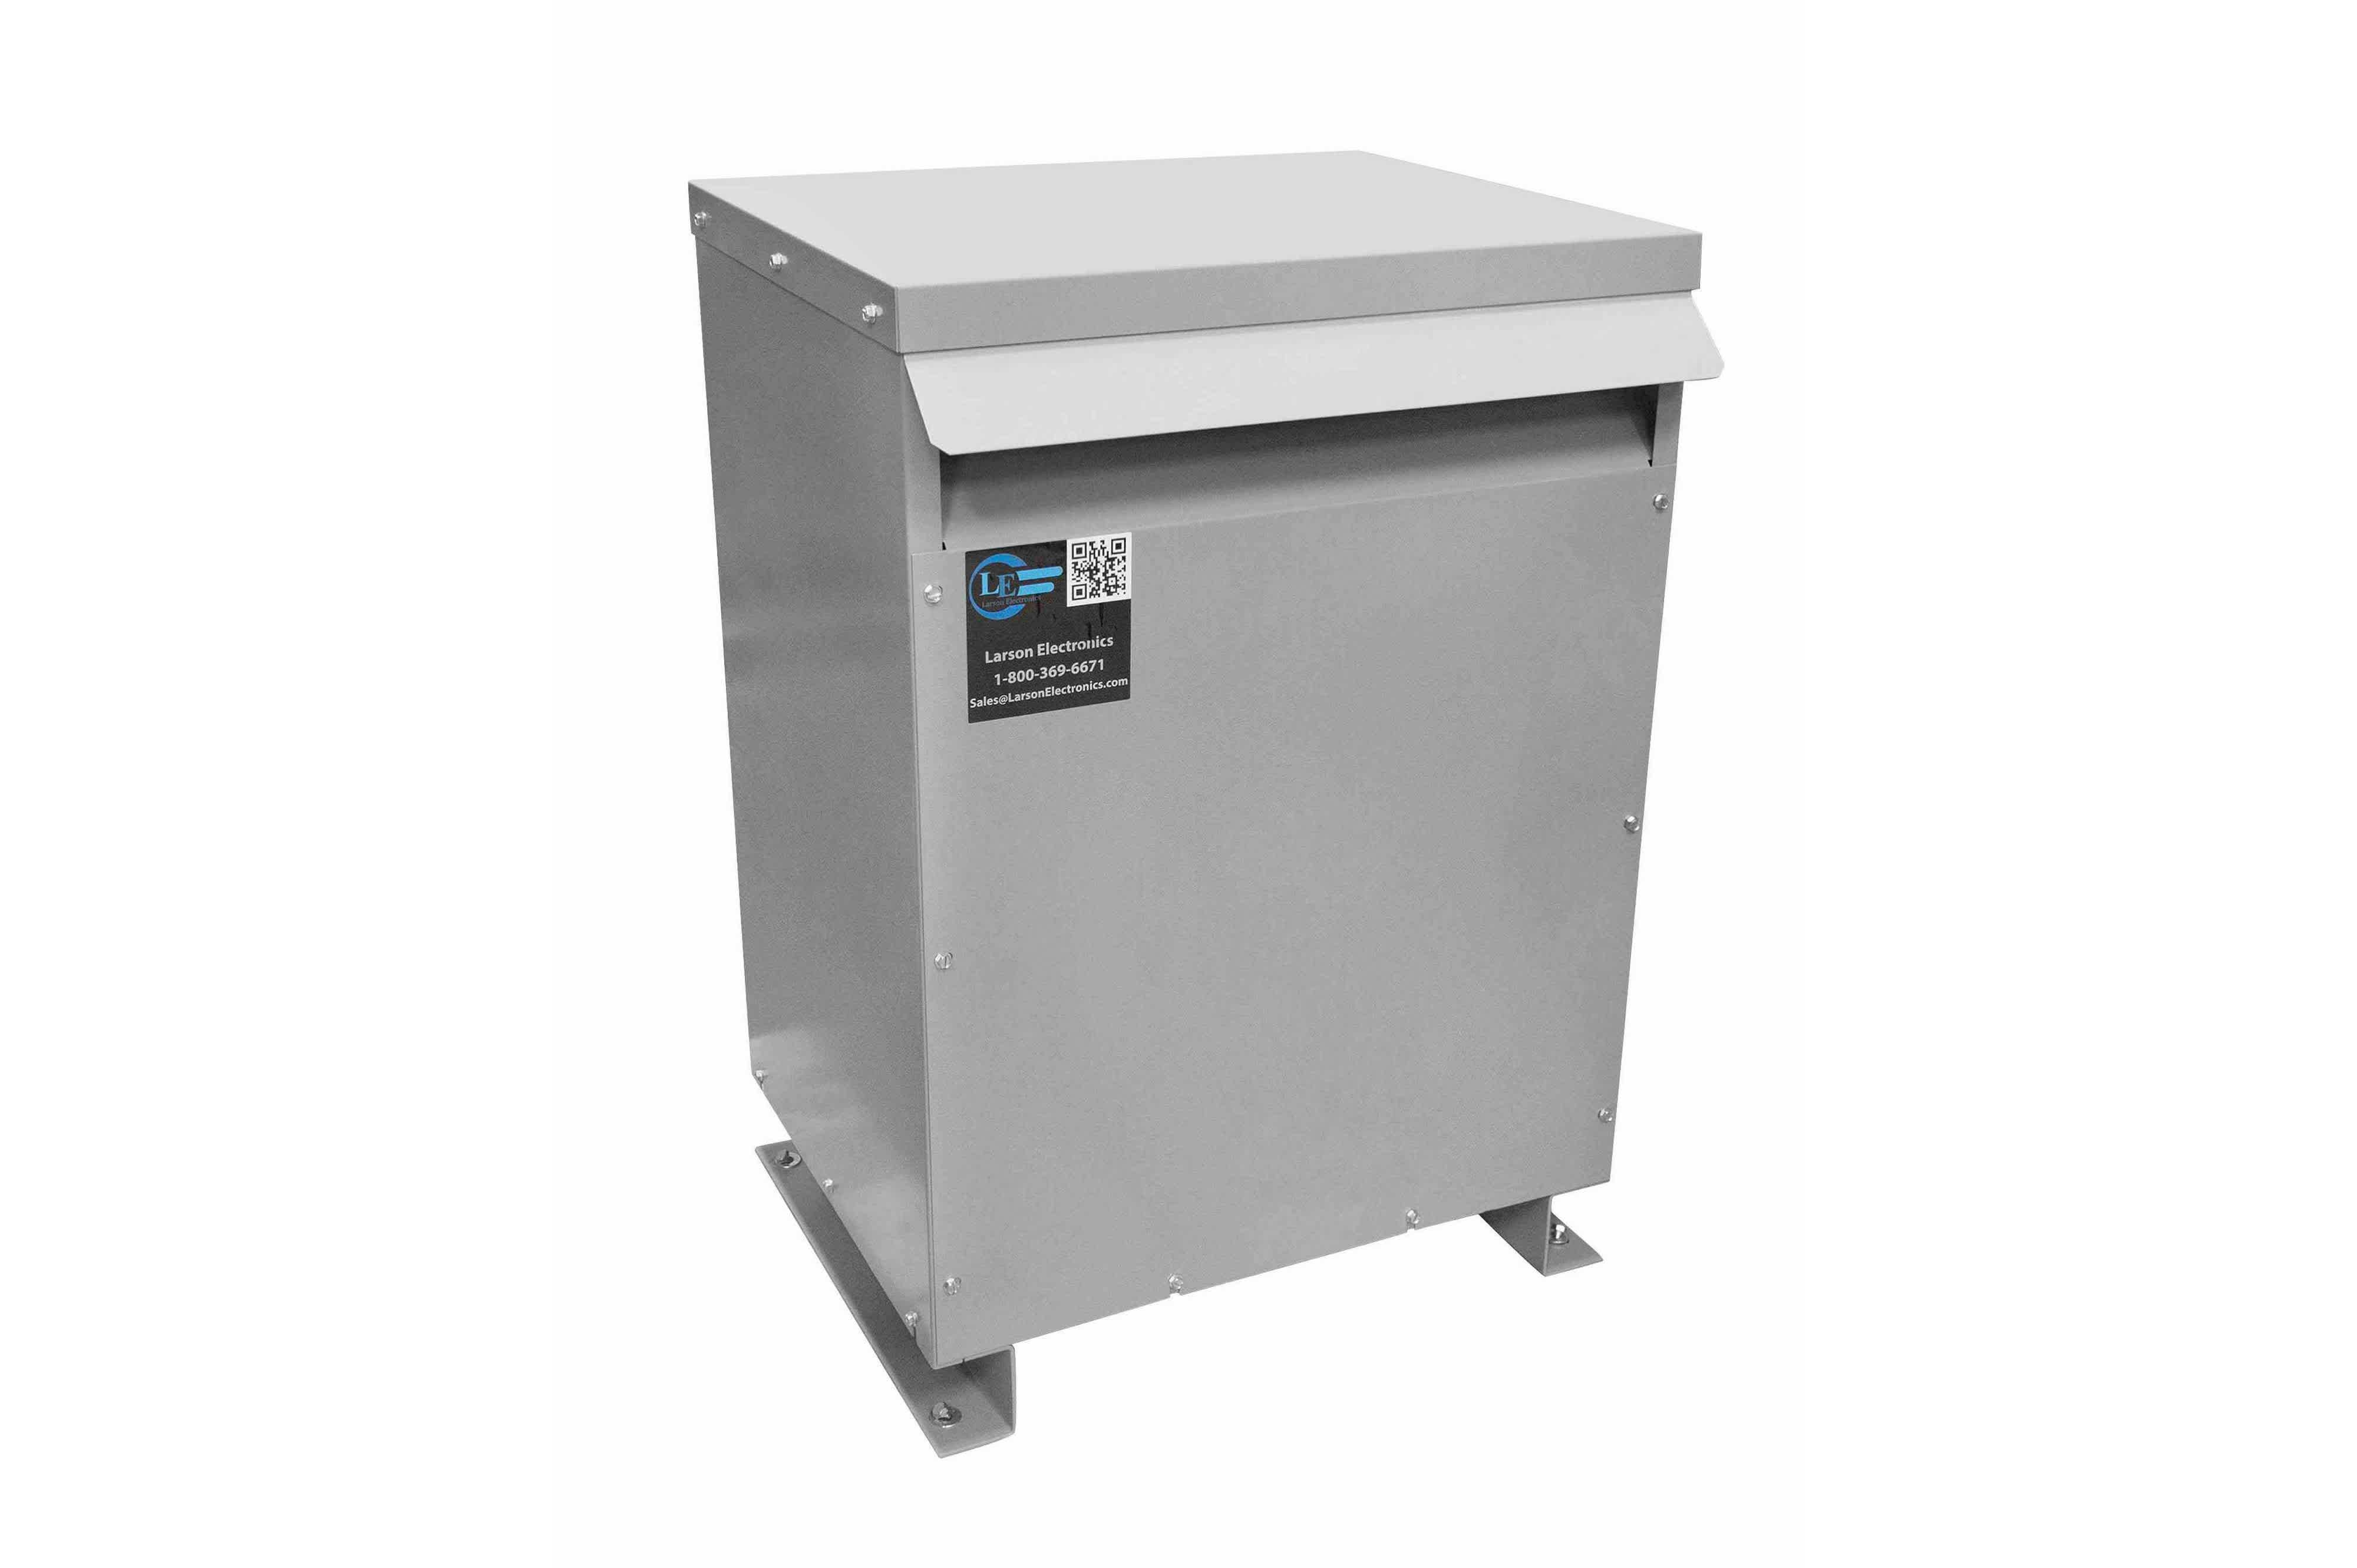 110 kVA 3PH Isolation Transformer, 600V Delta Primary, 208V Delta Secondary, N3R, Ventilated, 60 Hz